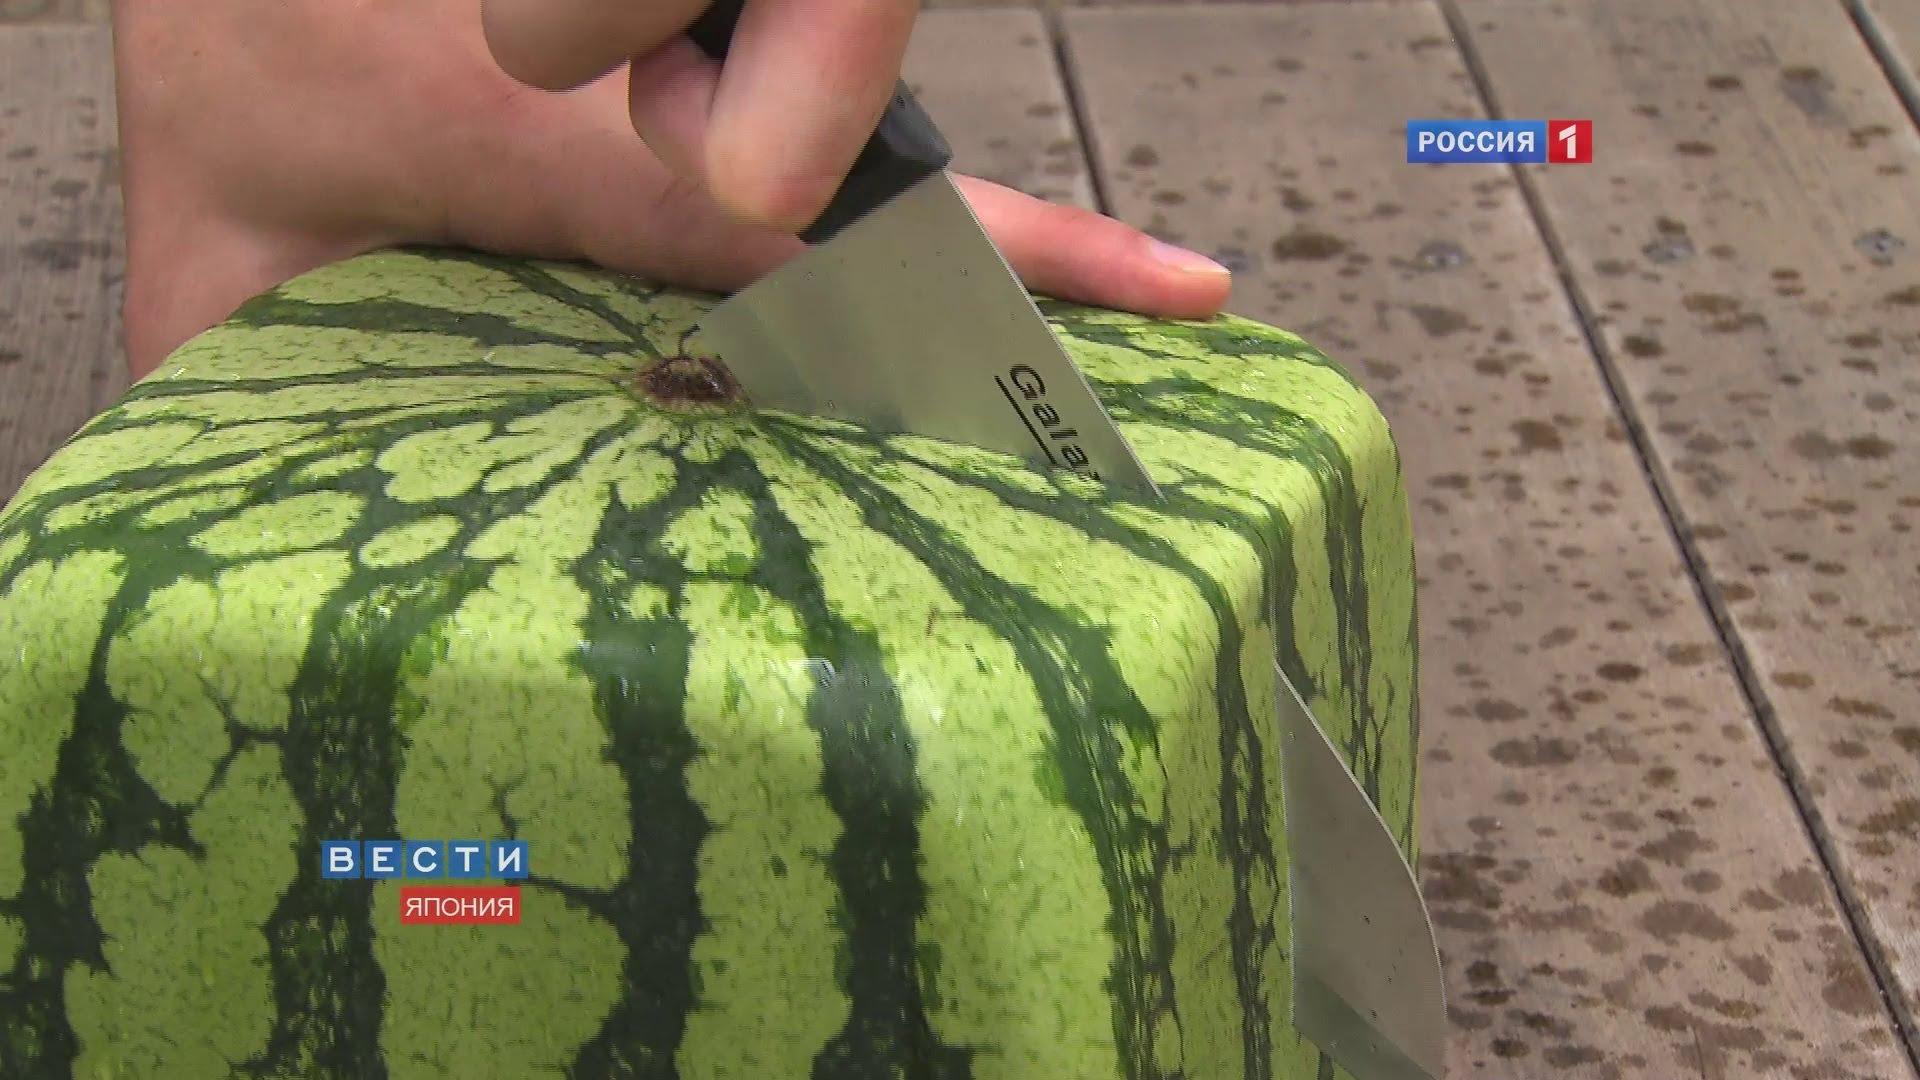 四方形西瓜 原来是这样制作的 Square watermelons Japan.